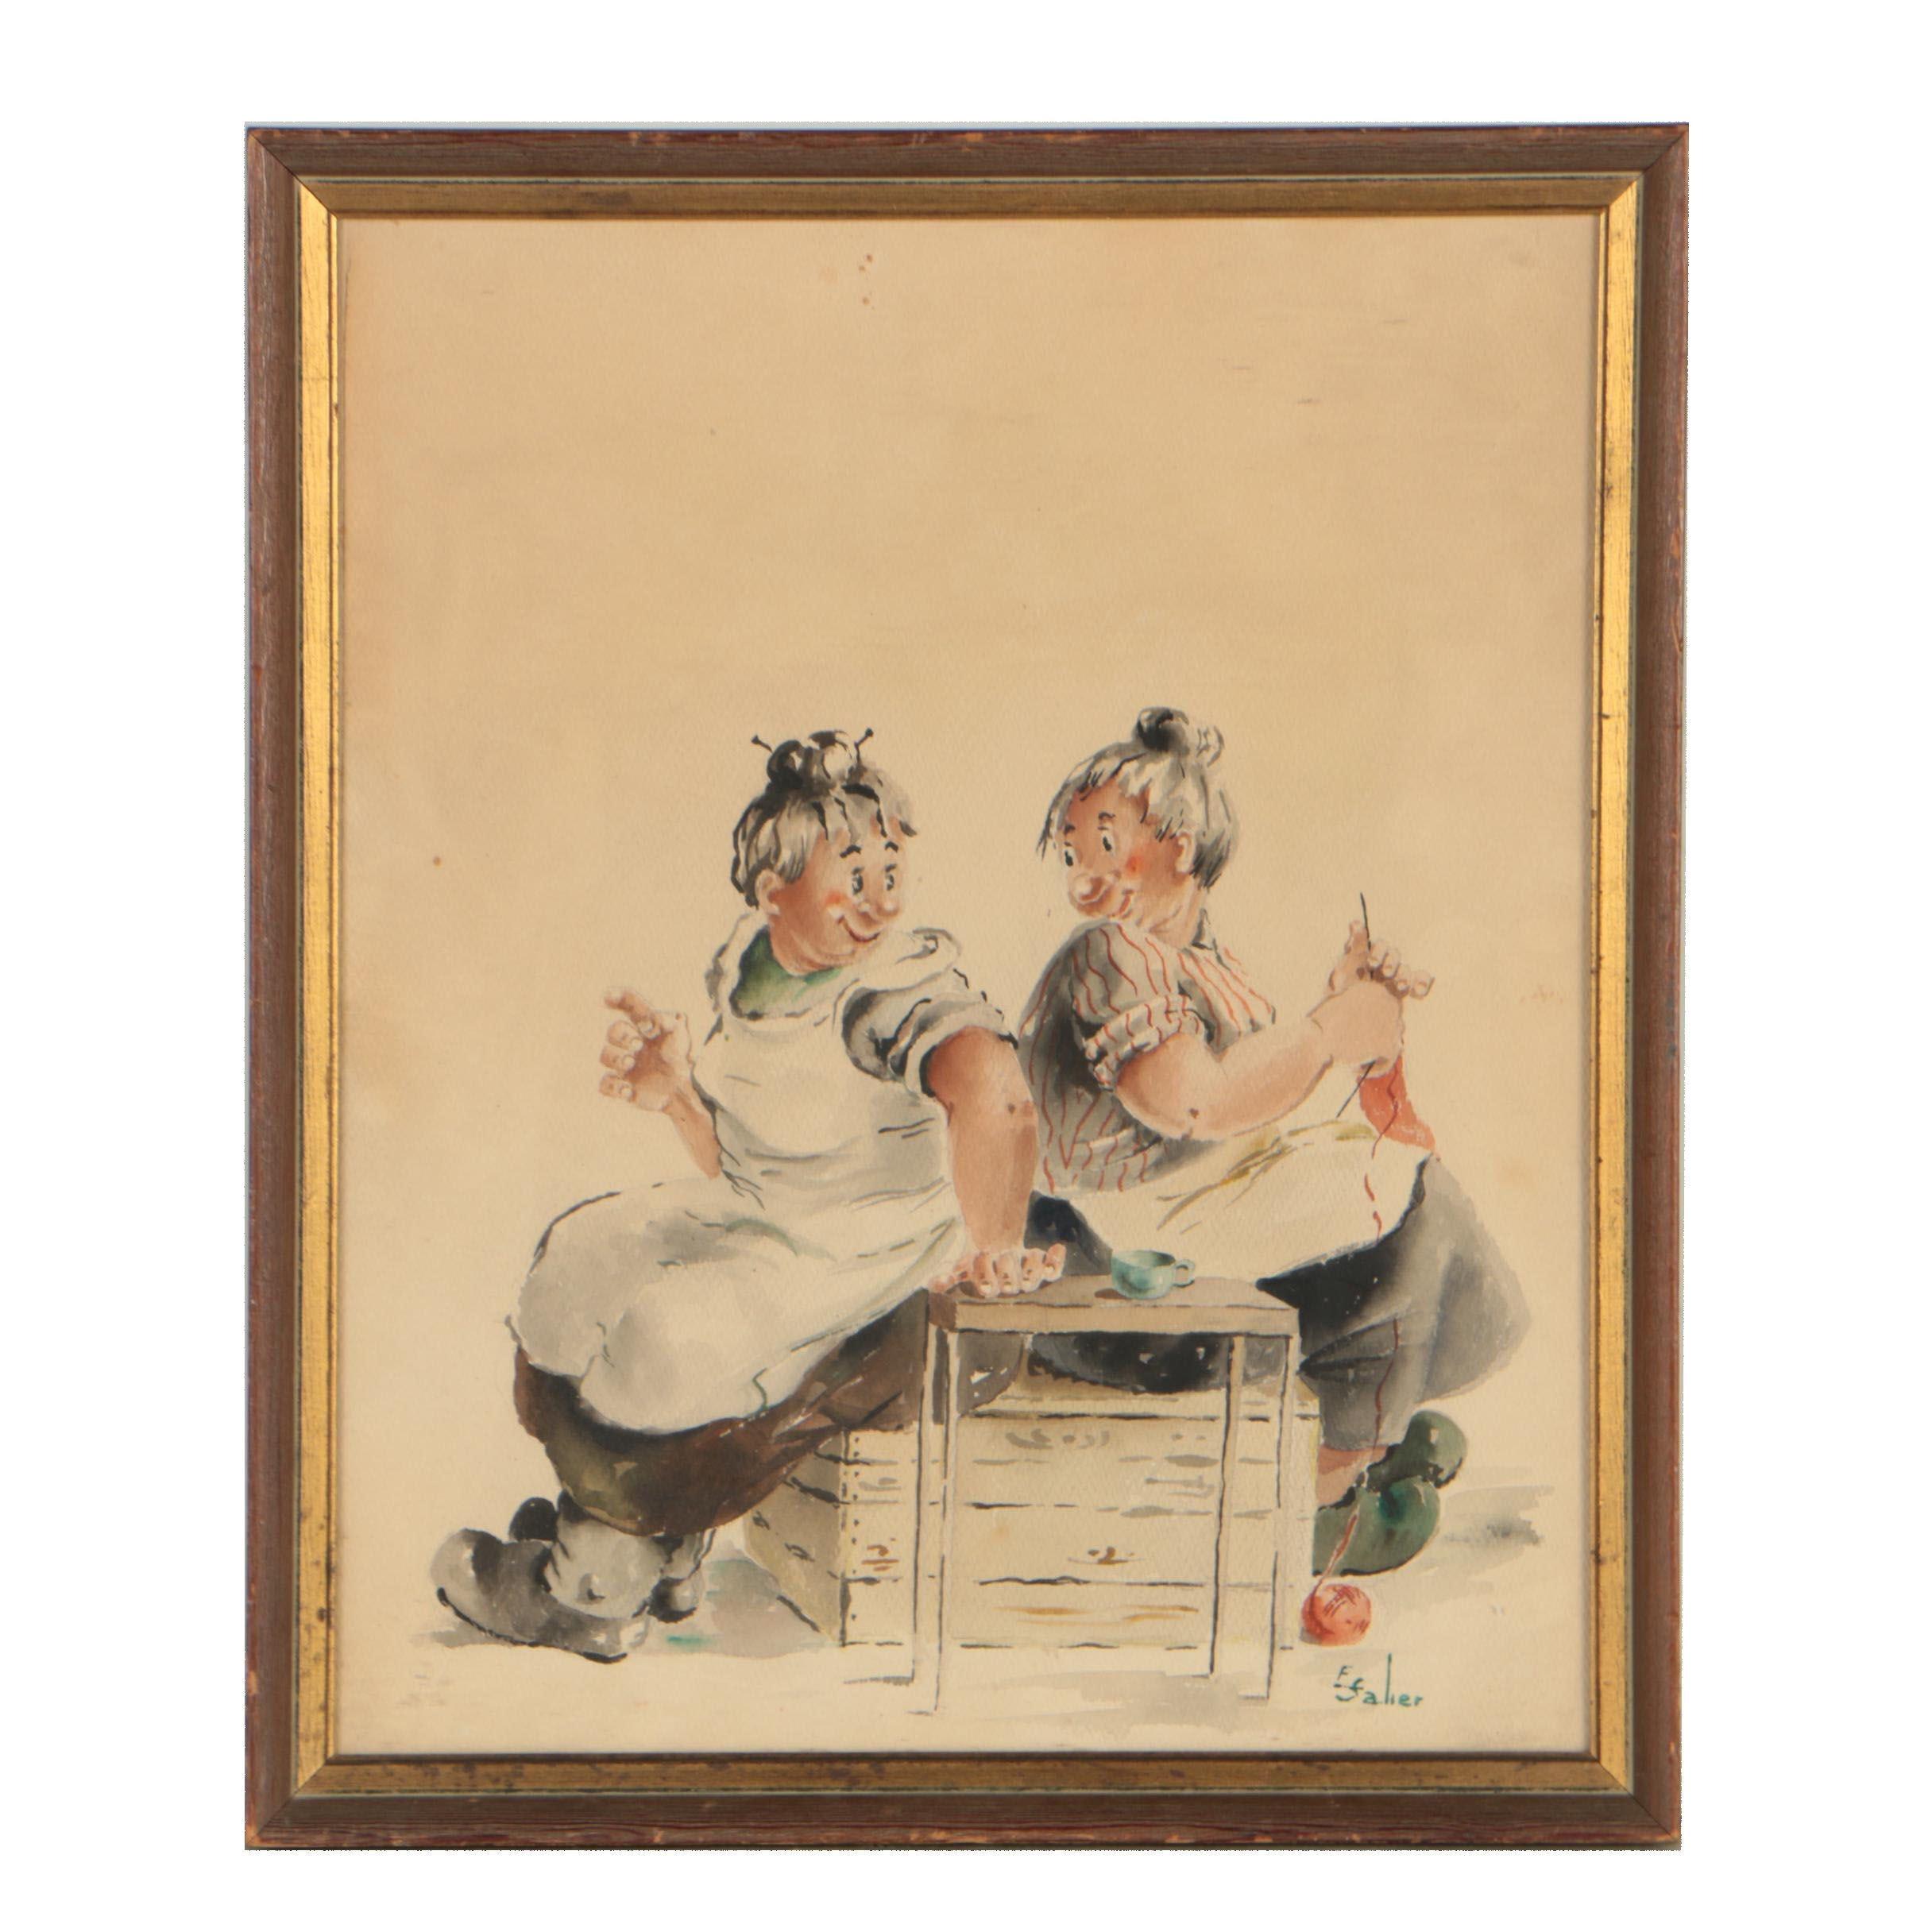 E. Salier Satirical Watercolor Illustration of Genre Scene